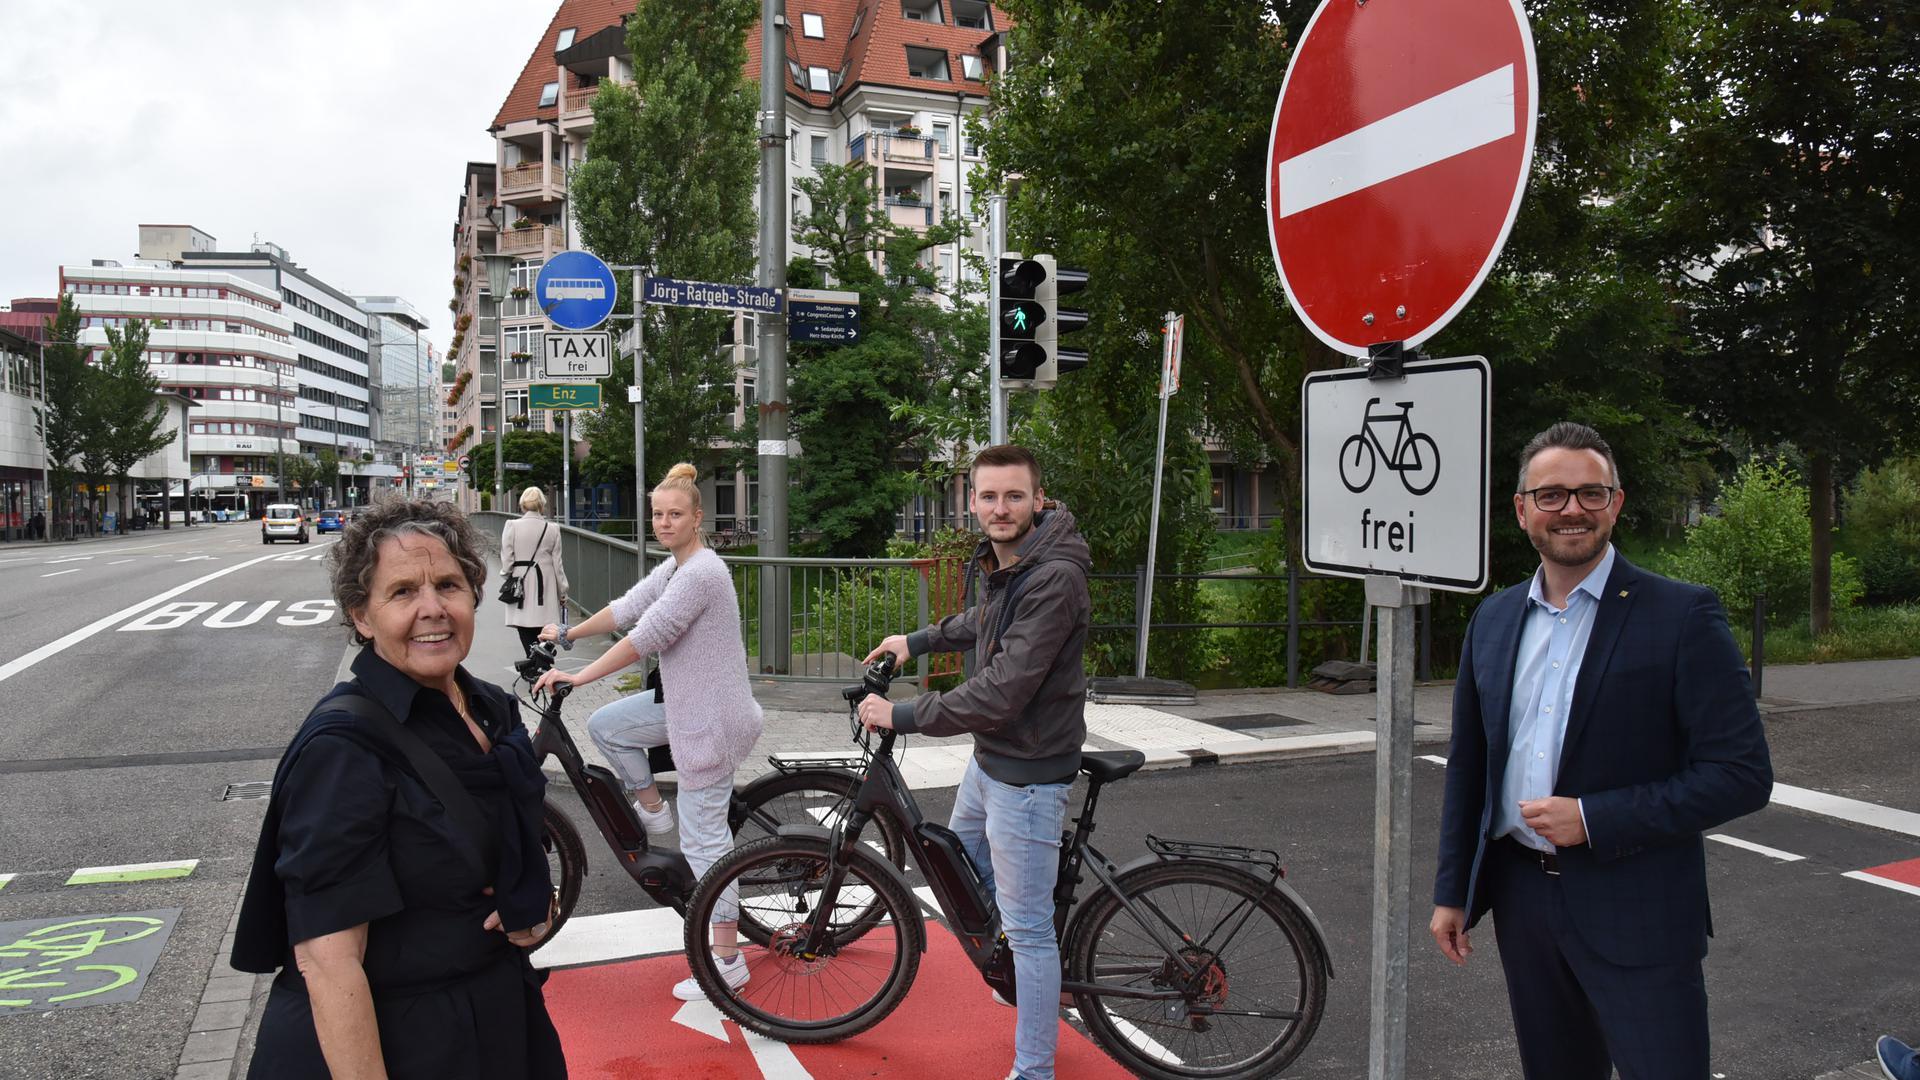 Zwei Personen auf dem Fahrrad stehen auf einem roten Radweg, zwei weitere Personen ohne Rad im Vordergrund